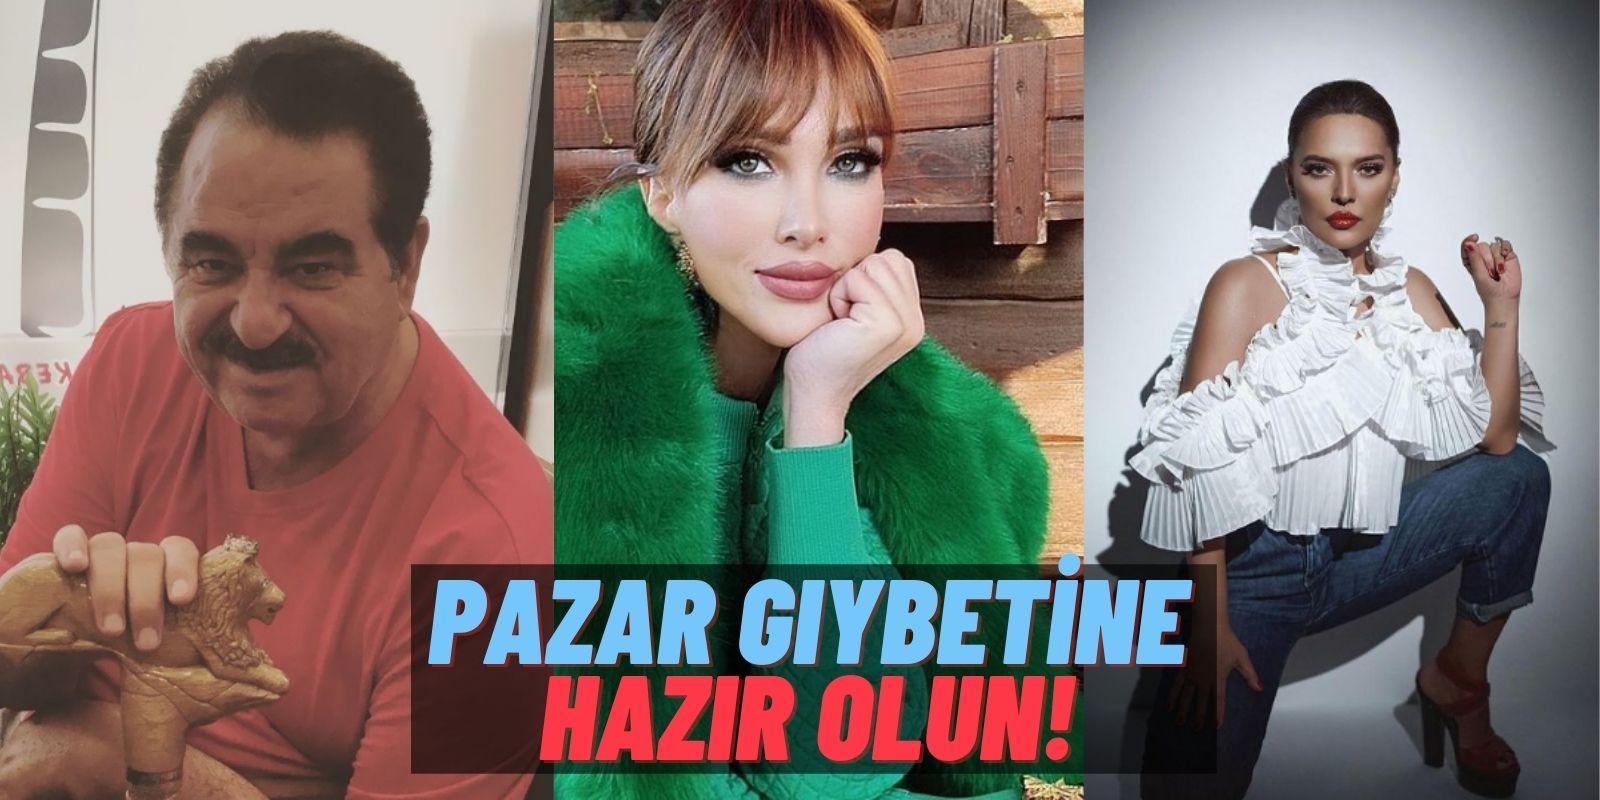 Dedikodu Kazanı: Pınar Altuğ'dan Seks Açıklamaları, İbrahim Tatlıses'in Büyük Aşkı Bitti, Seren Serengil Korkuttu!